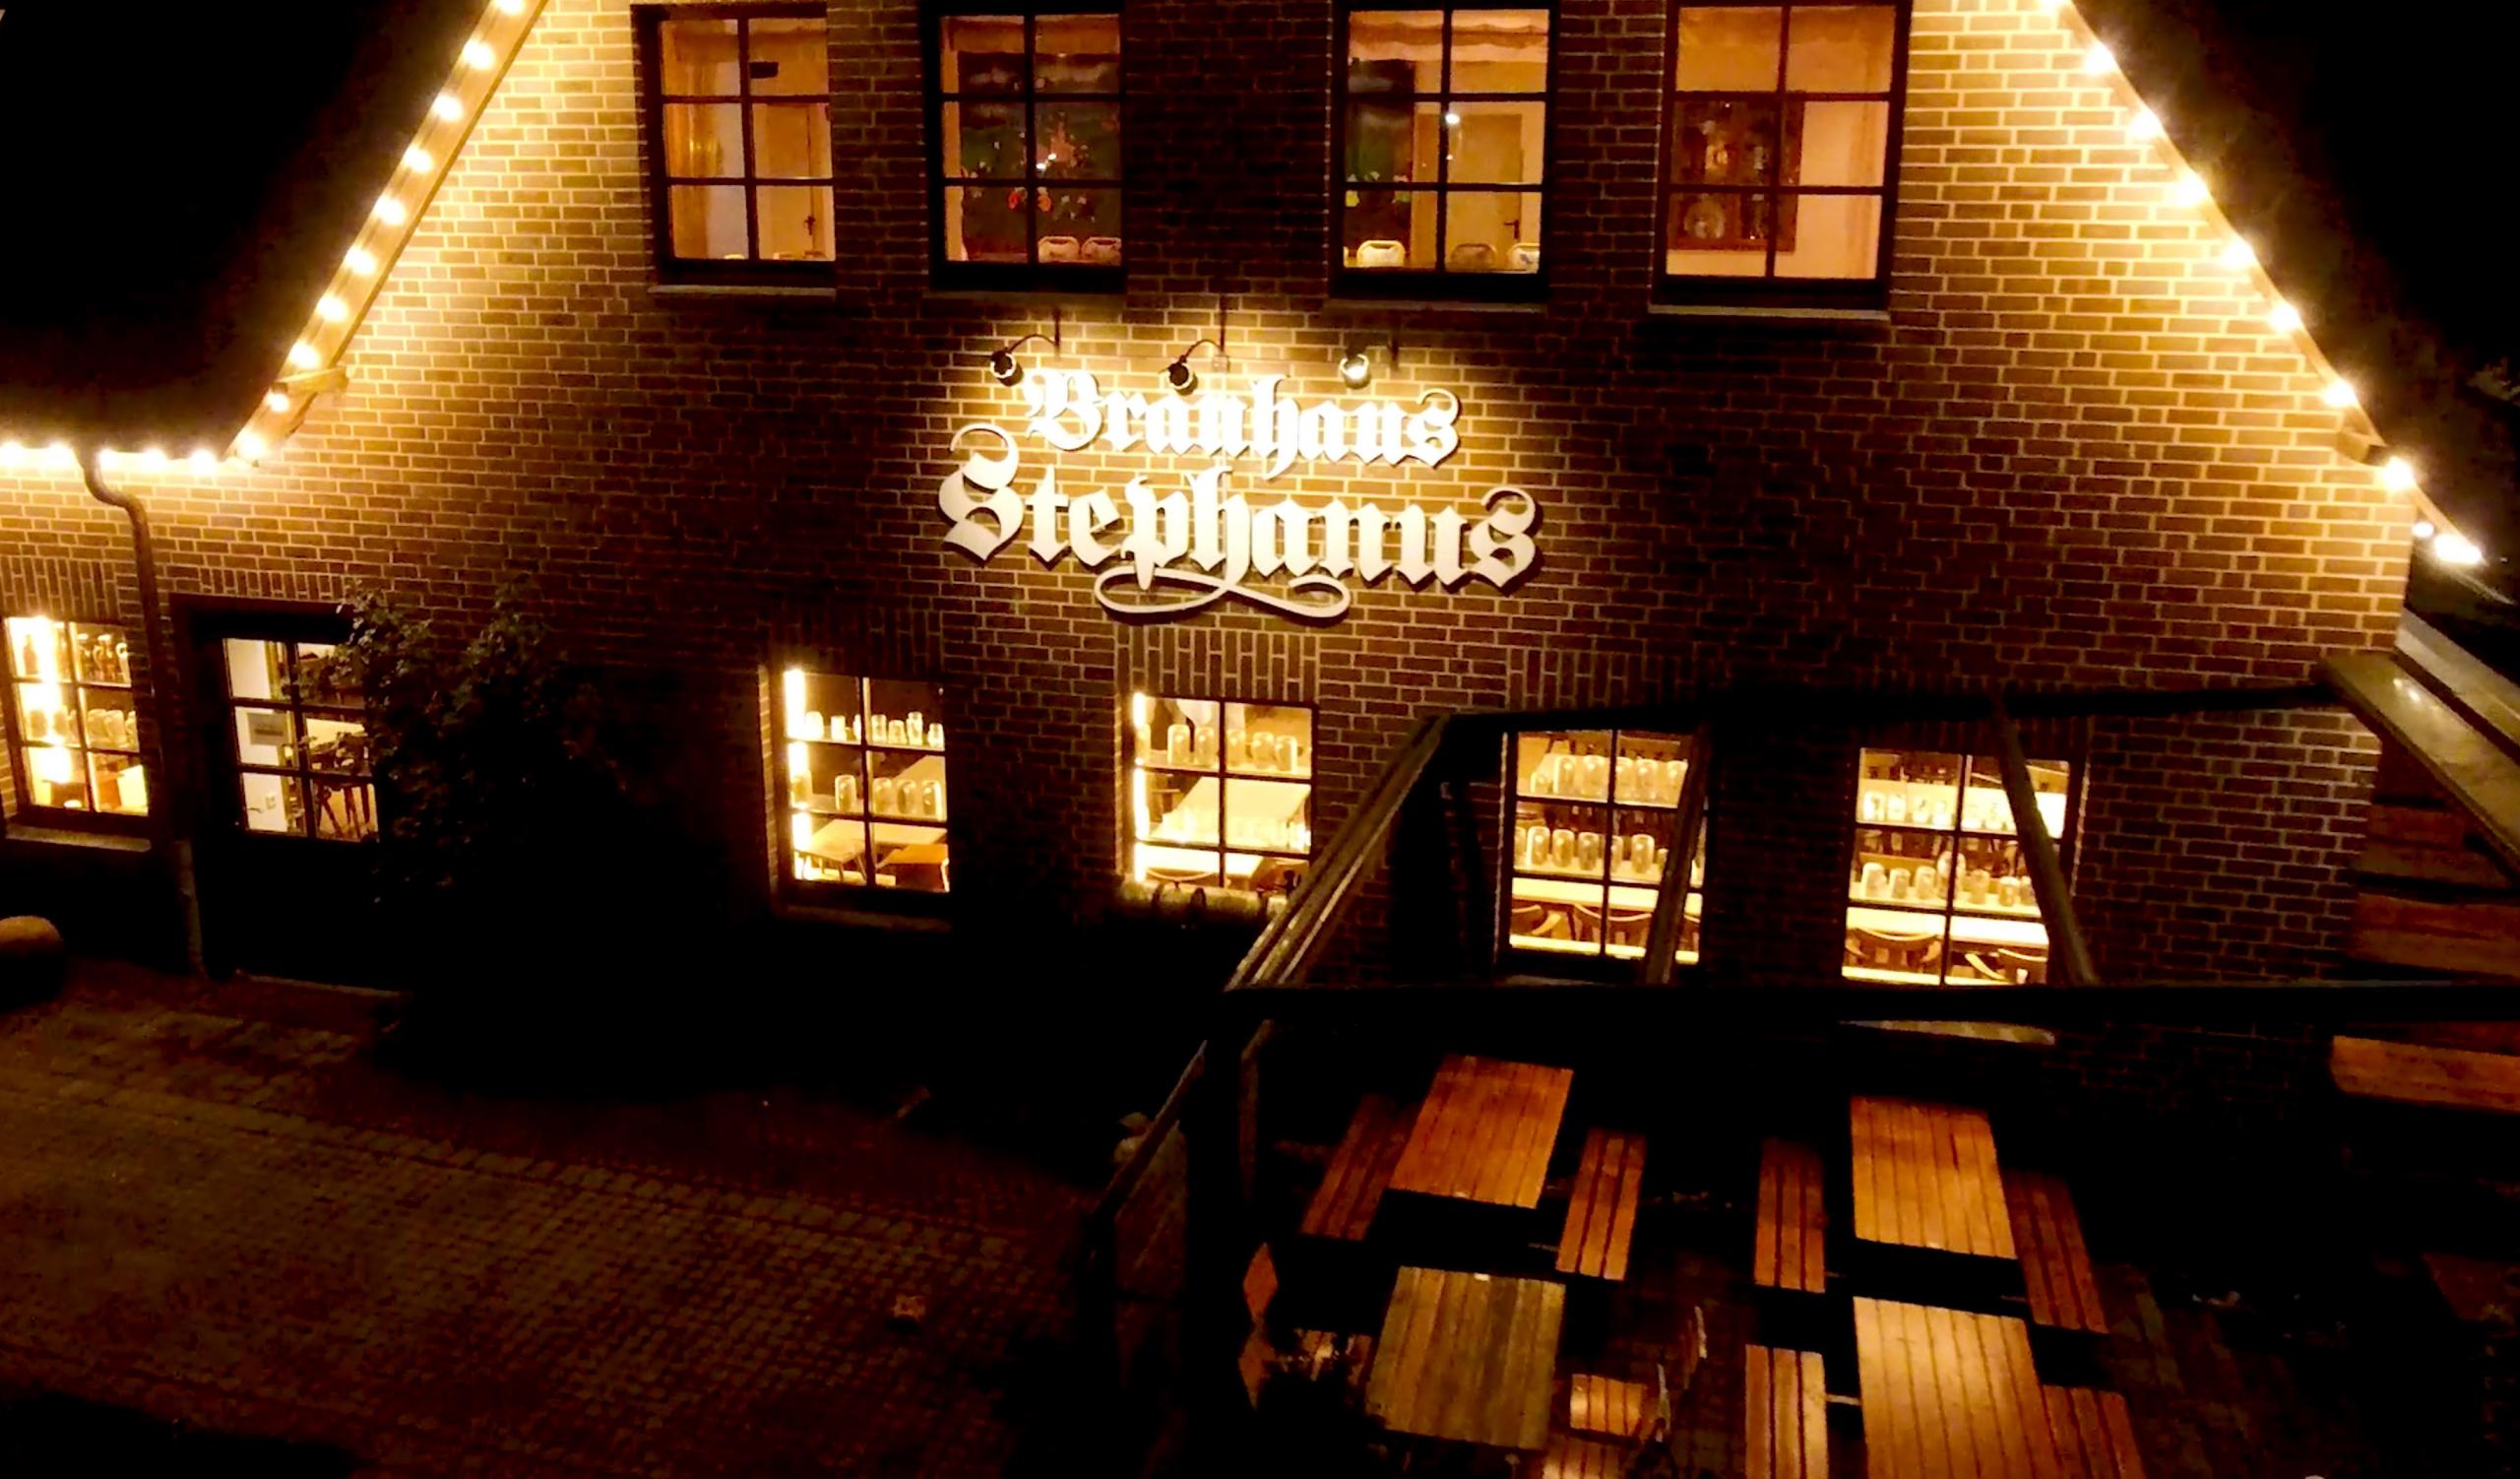 Brauhaus Stephanus Das Singende Und Tanzende Brauhaus In Coesfeld